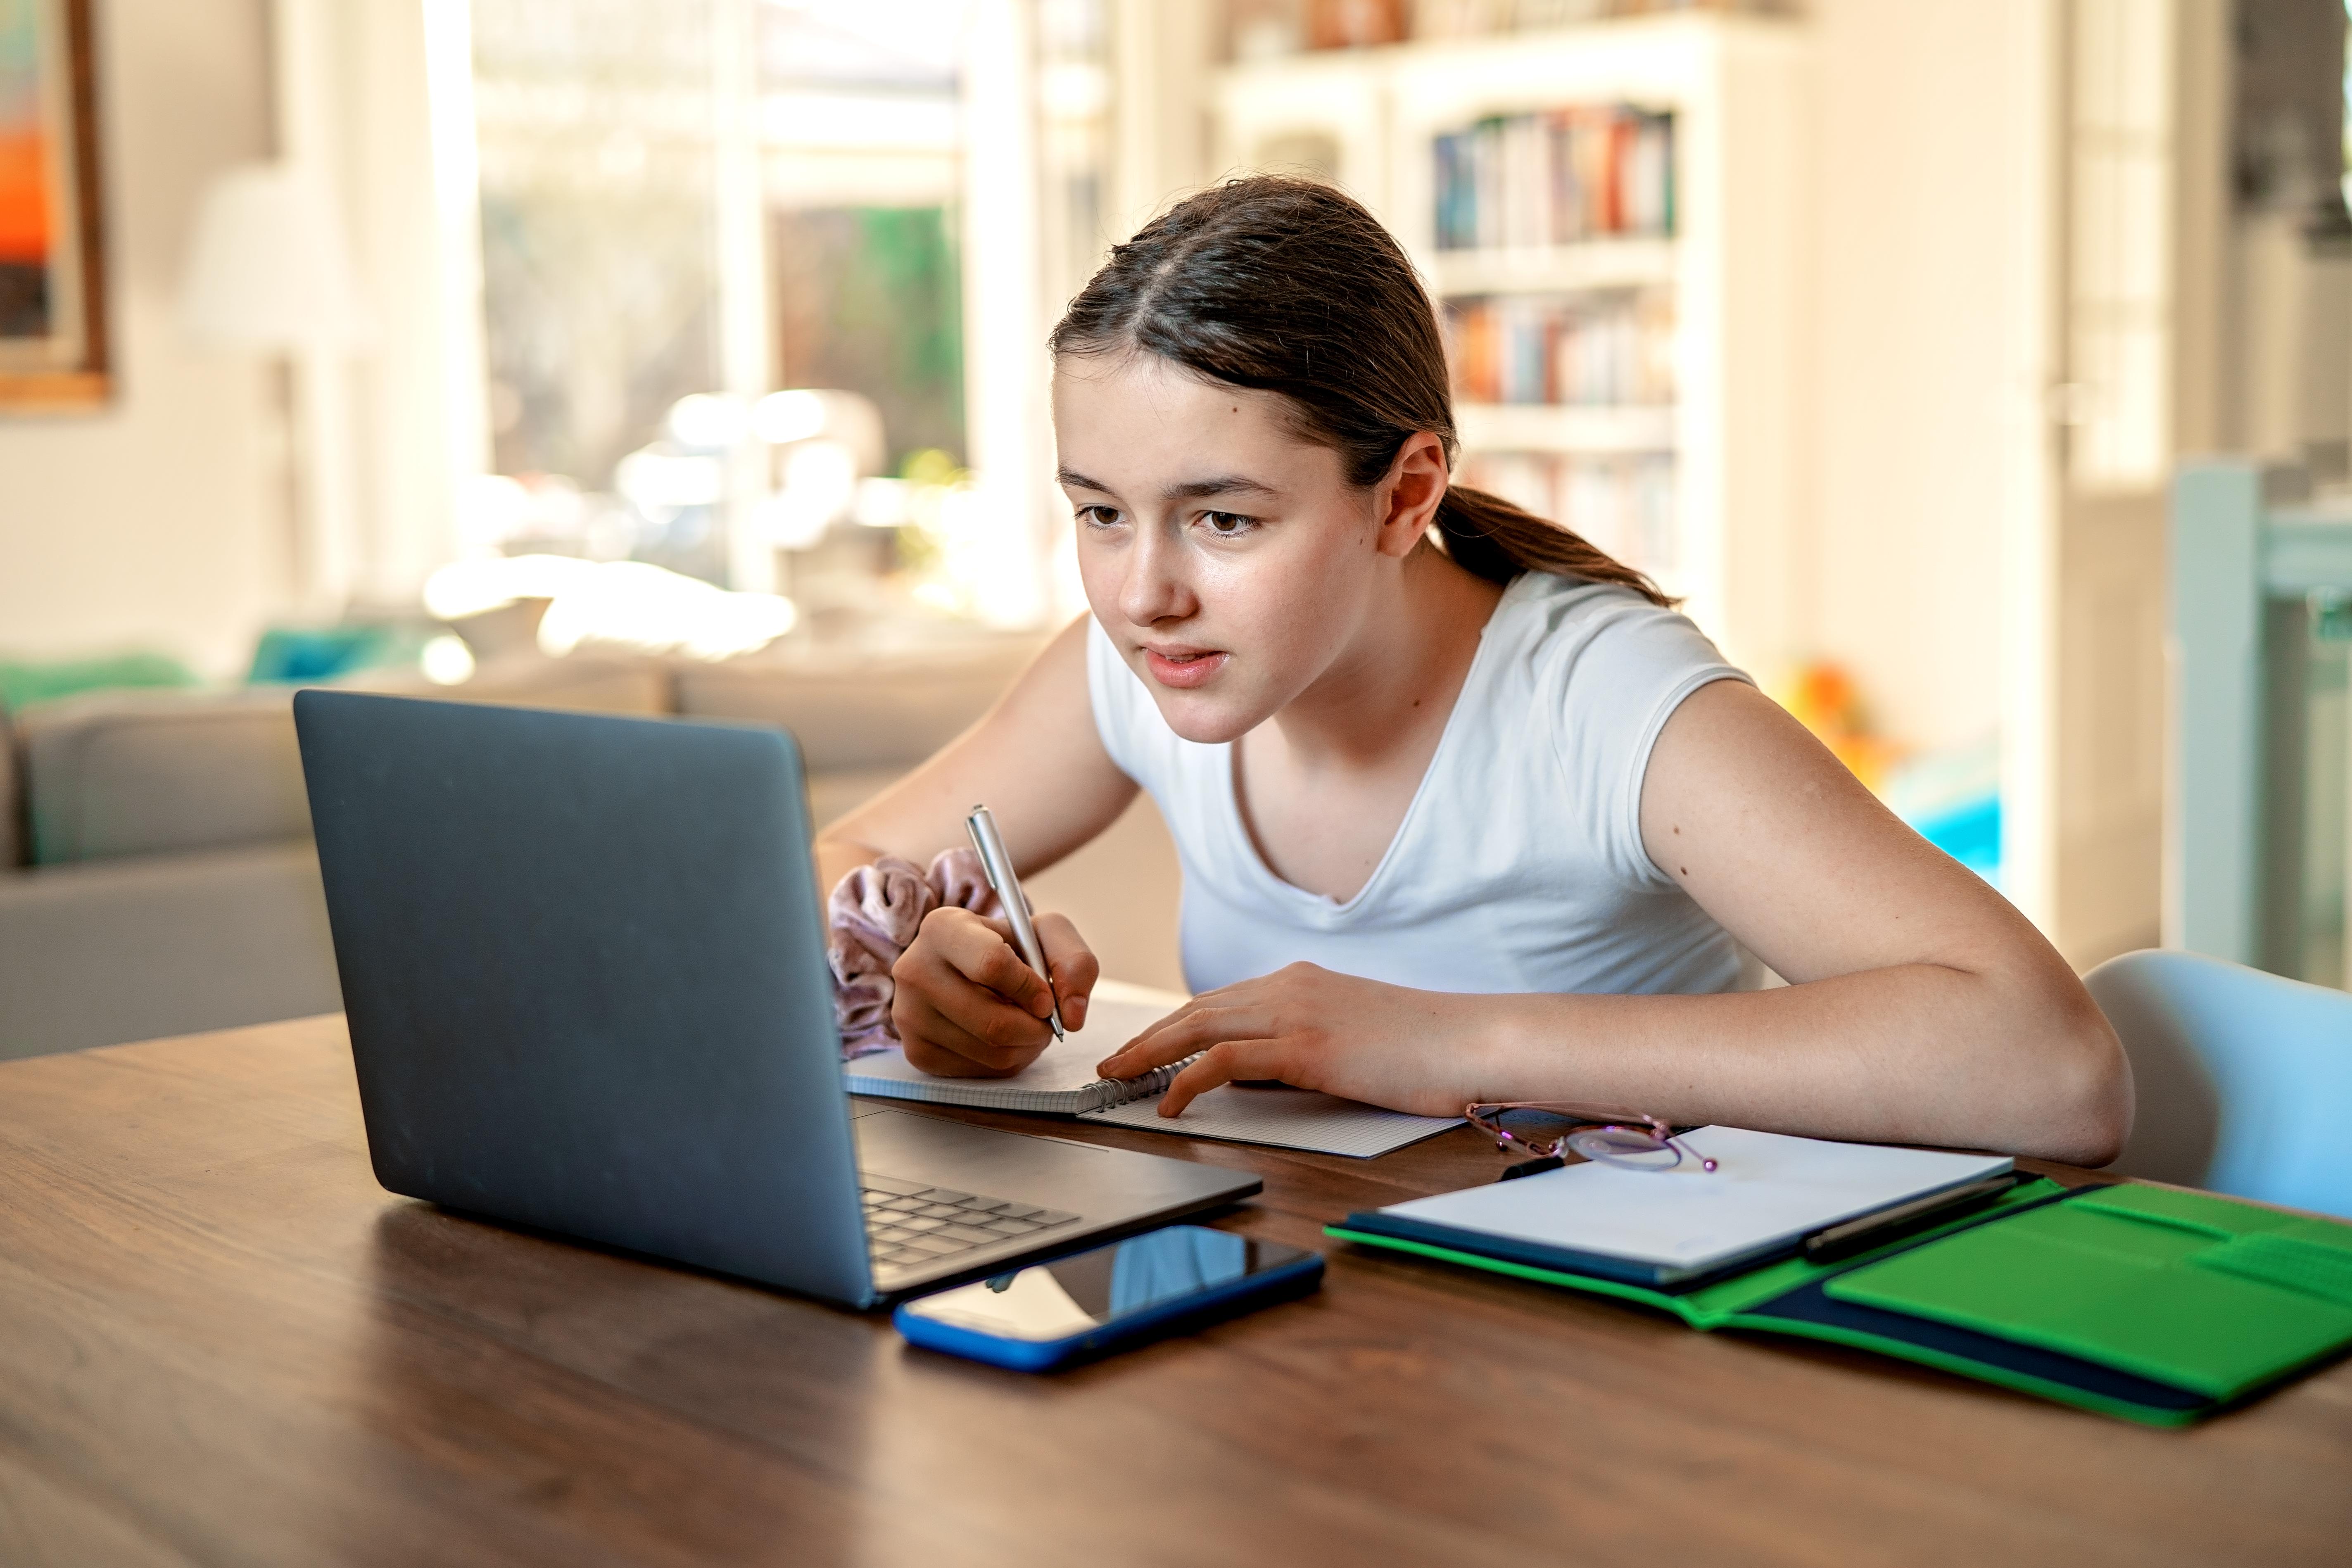 Ministrul Educatiei: Dupa ce se va incheia pandemia vom continua cu predarea online unde e potrivit. Se va include in contractul scolar